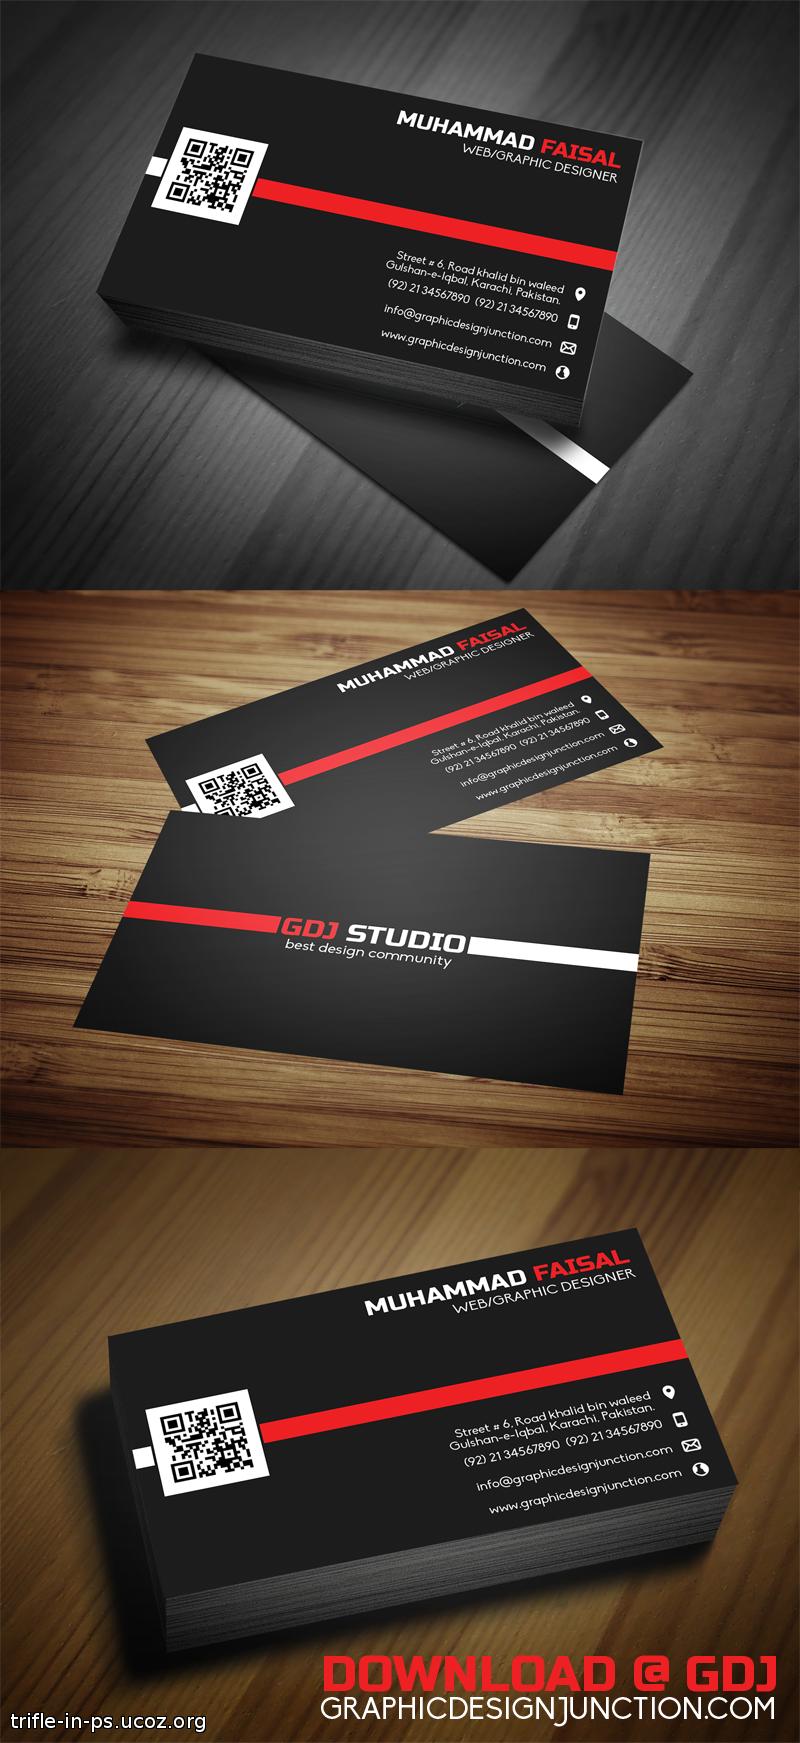 Как создать визитку: советы по дизайну, полезные сервисы 68